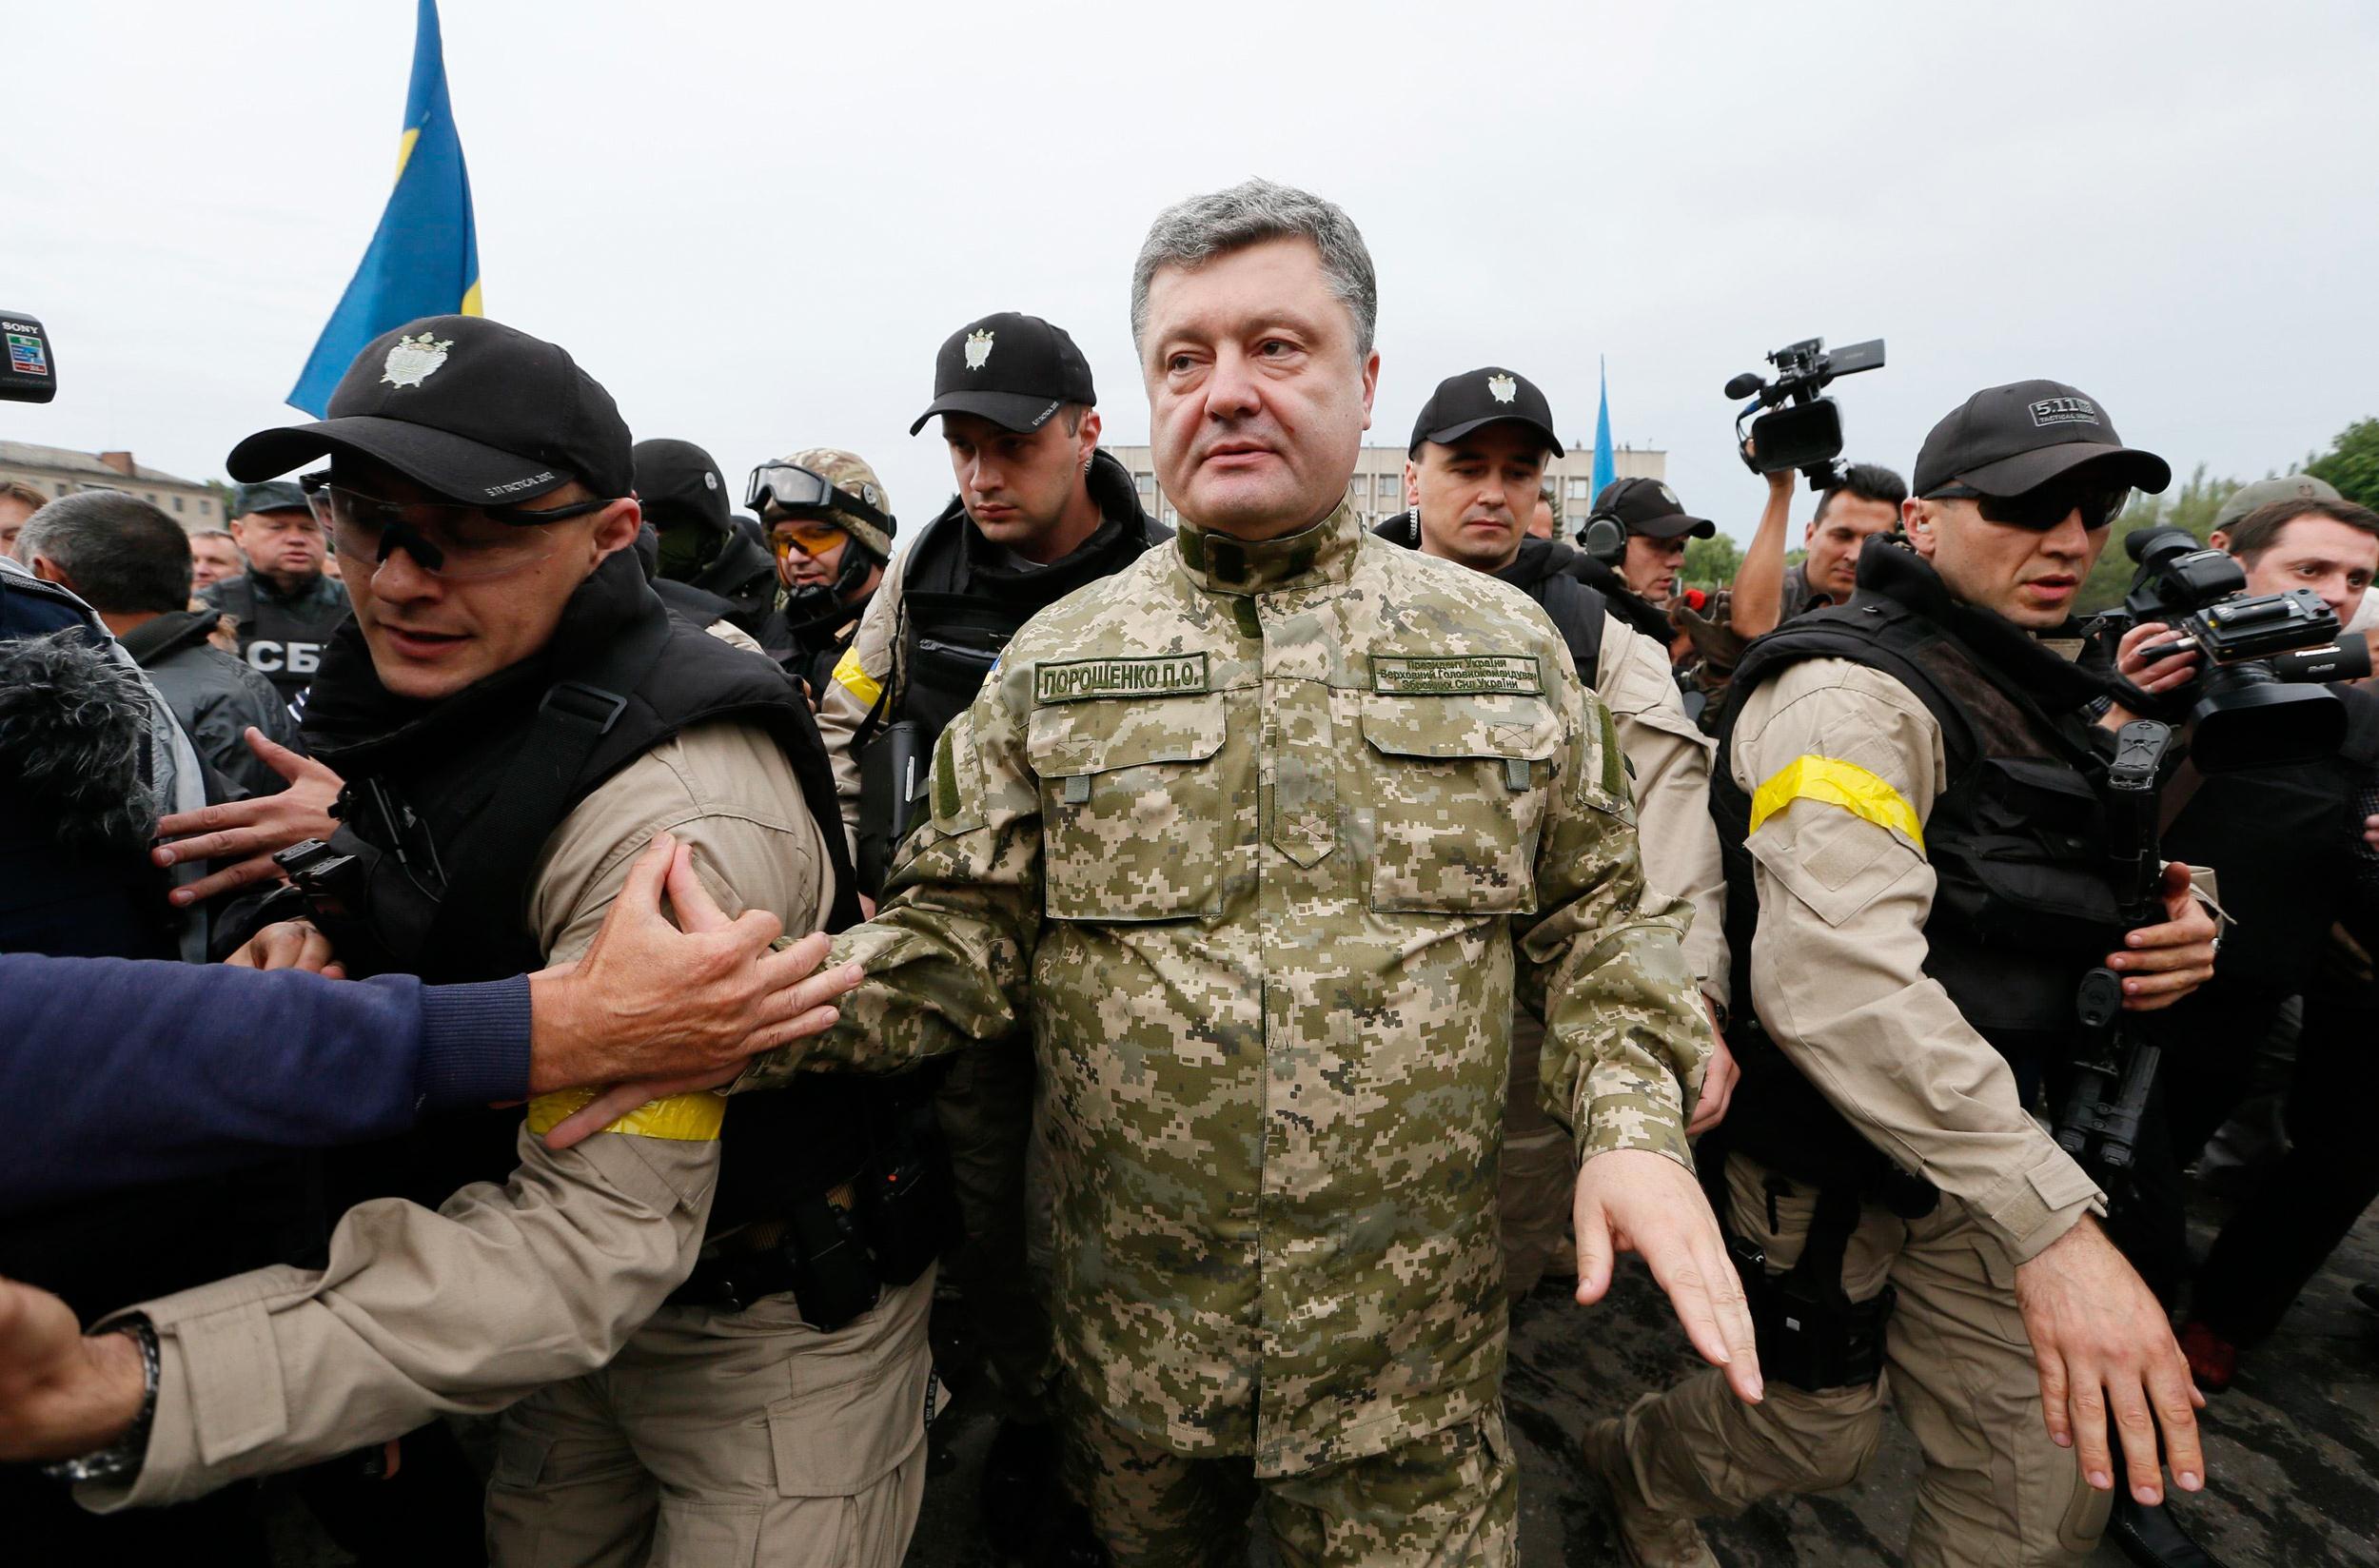 Image: ukrainian president petro poroshenko makes his way during a